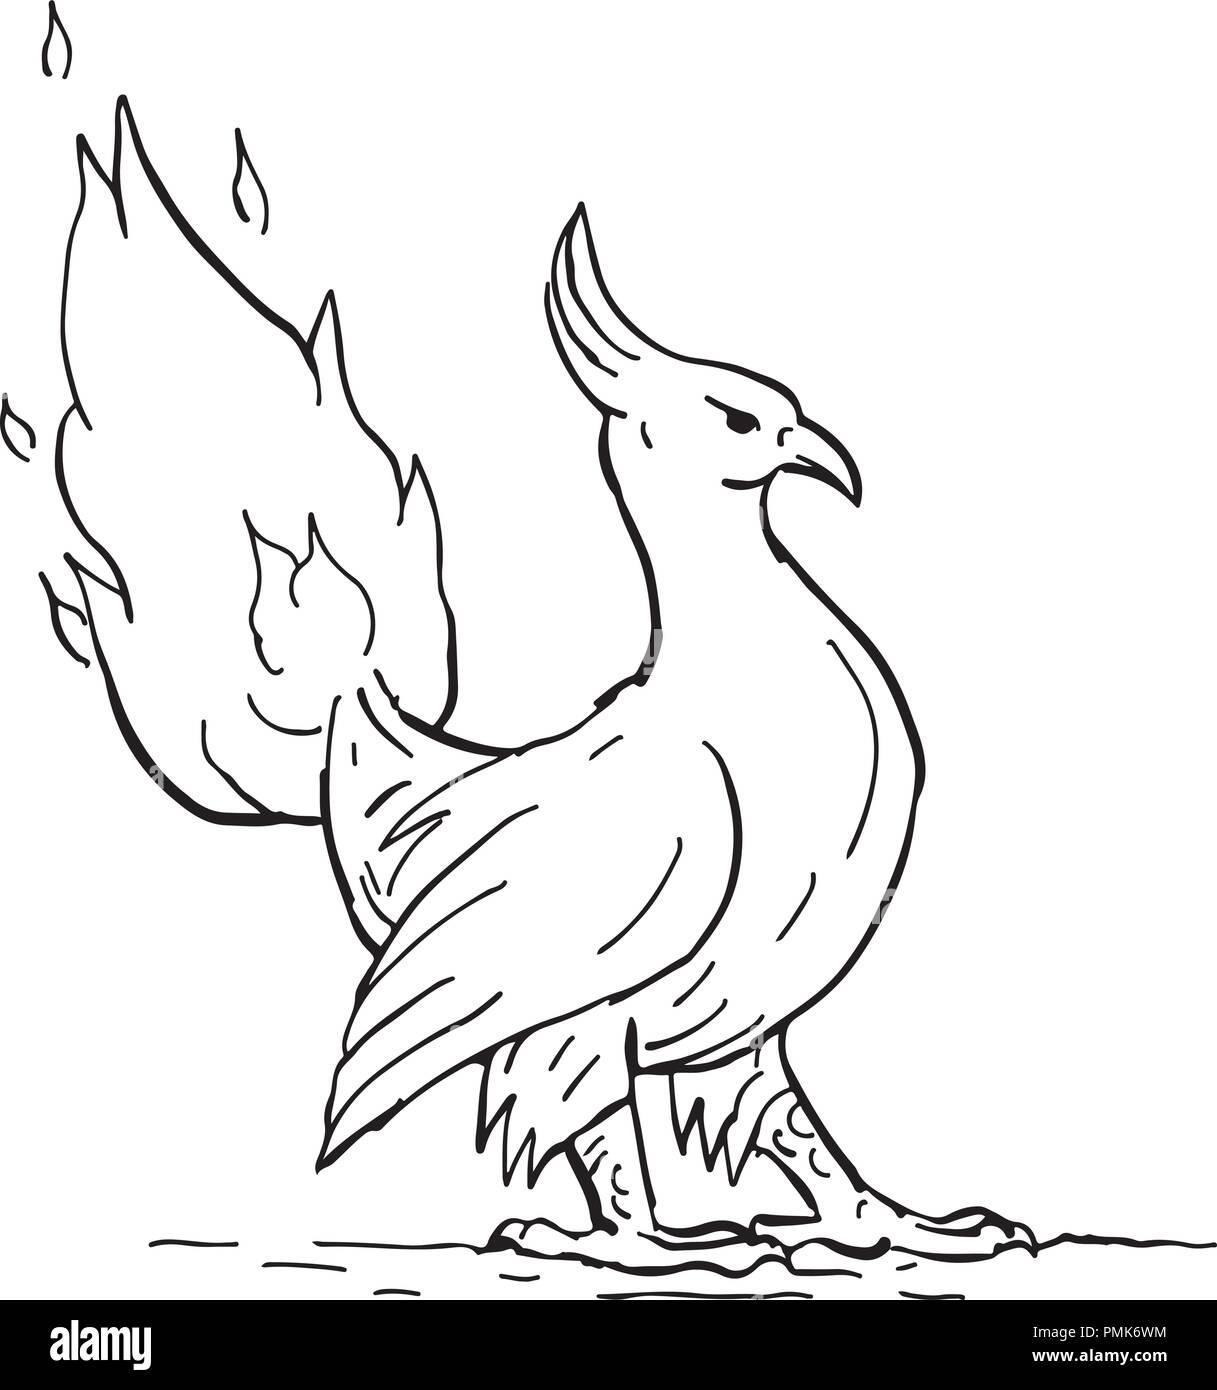 Croquis Dessin Illustration D Un Style Un Phoenix Dans La Mythologie Grecque Un Oiseau A Longue Duree De Vie Qui Se Regenere De Maniere Cyclique L Obtention D Une Nouvelle Vie Par L Augmentation De Image